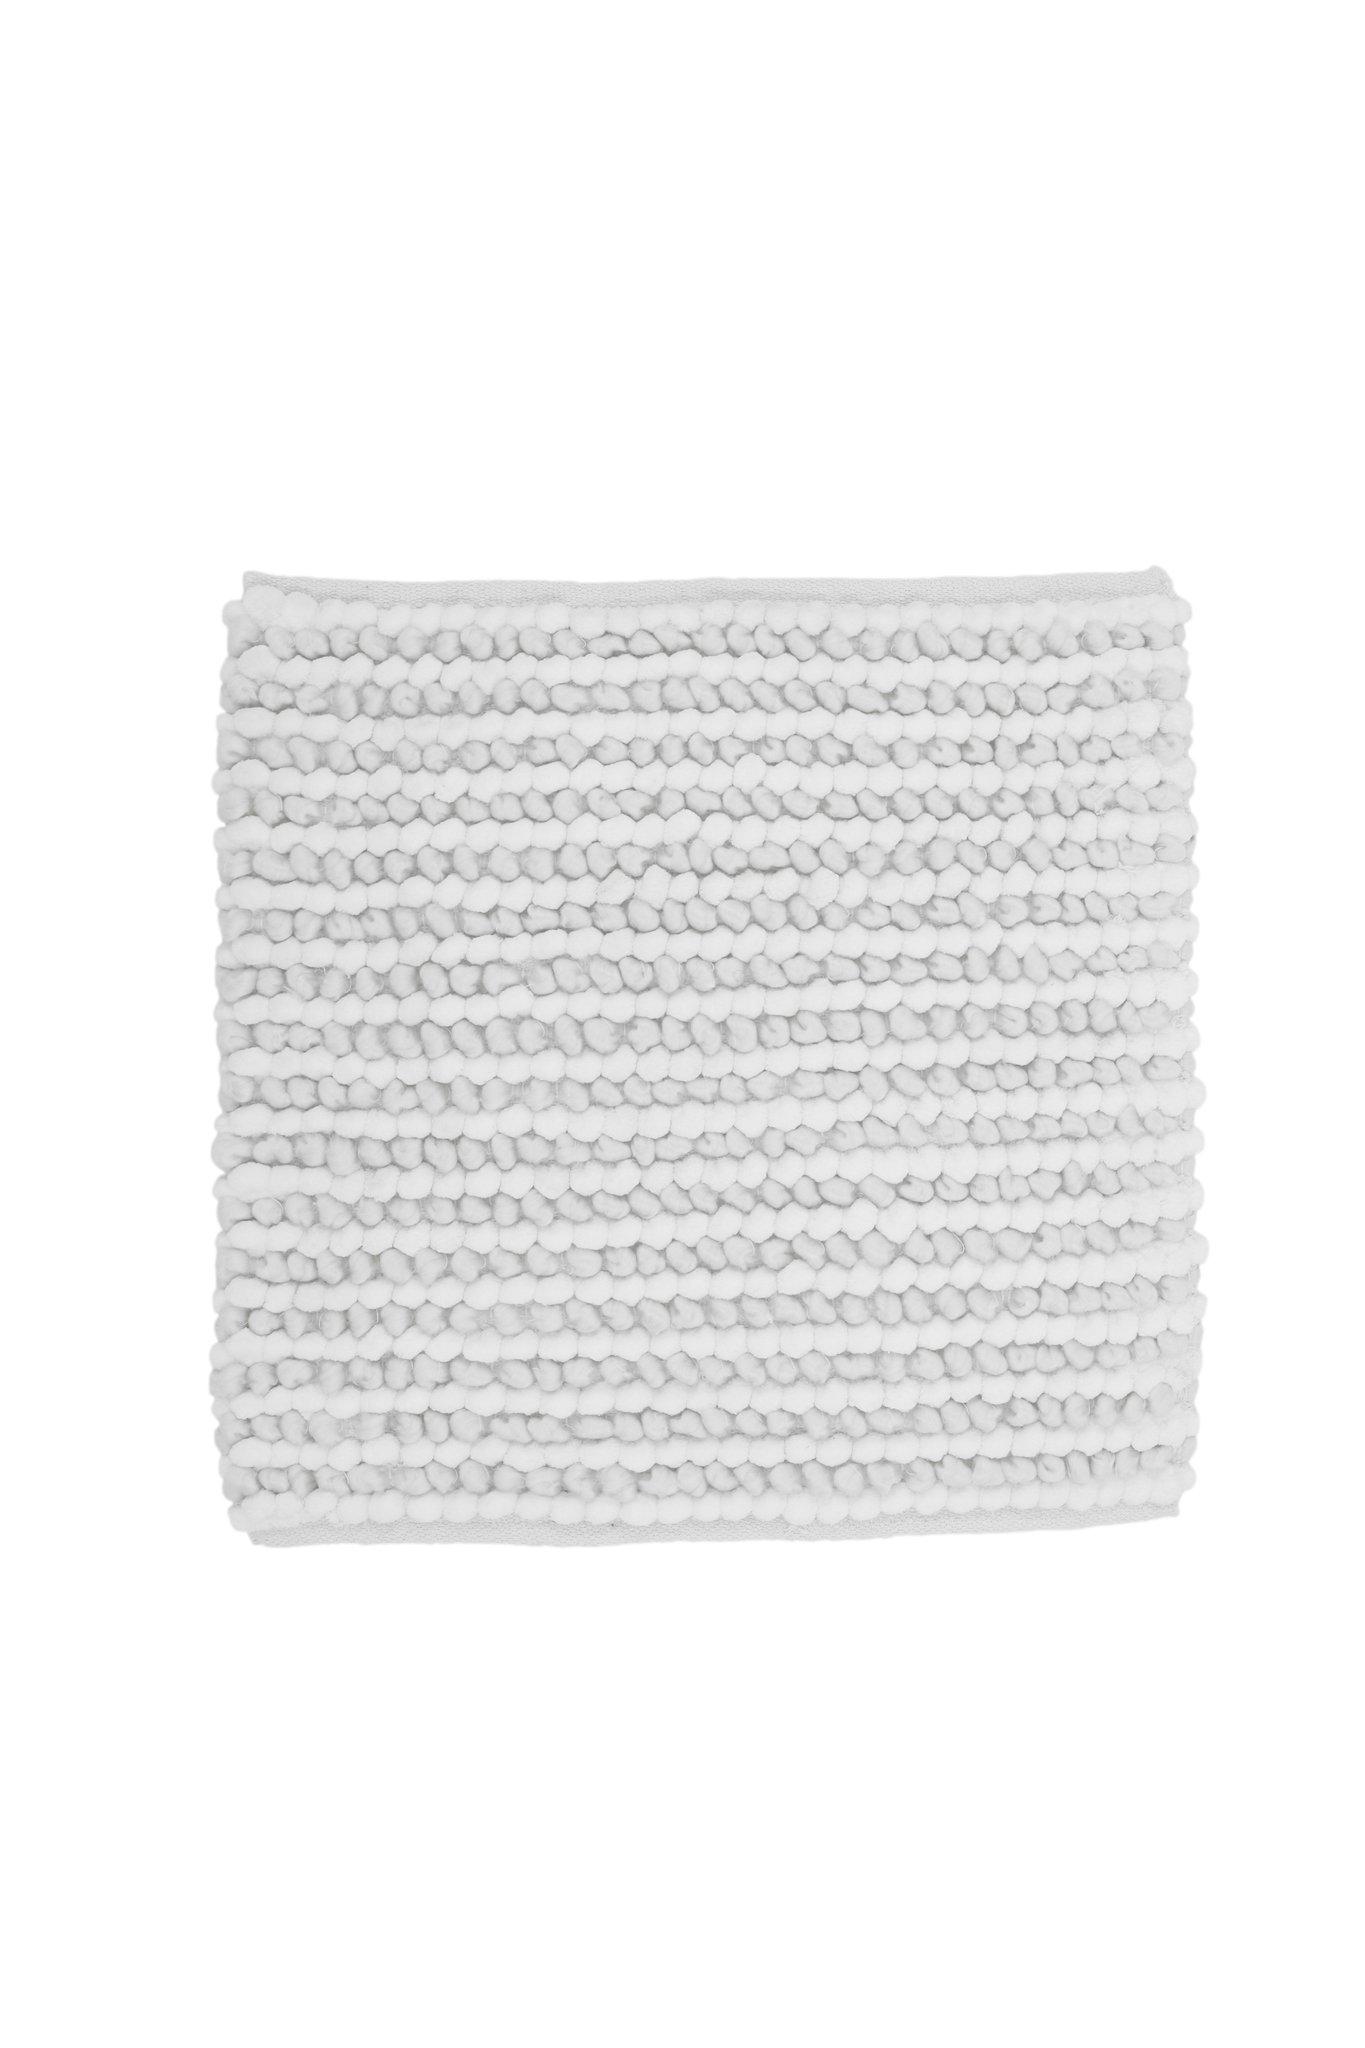 Mylene Badematte 60x60 White